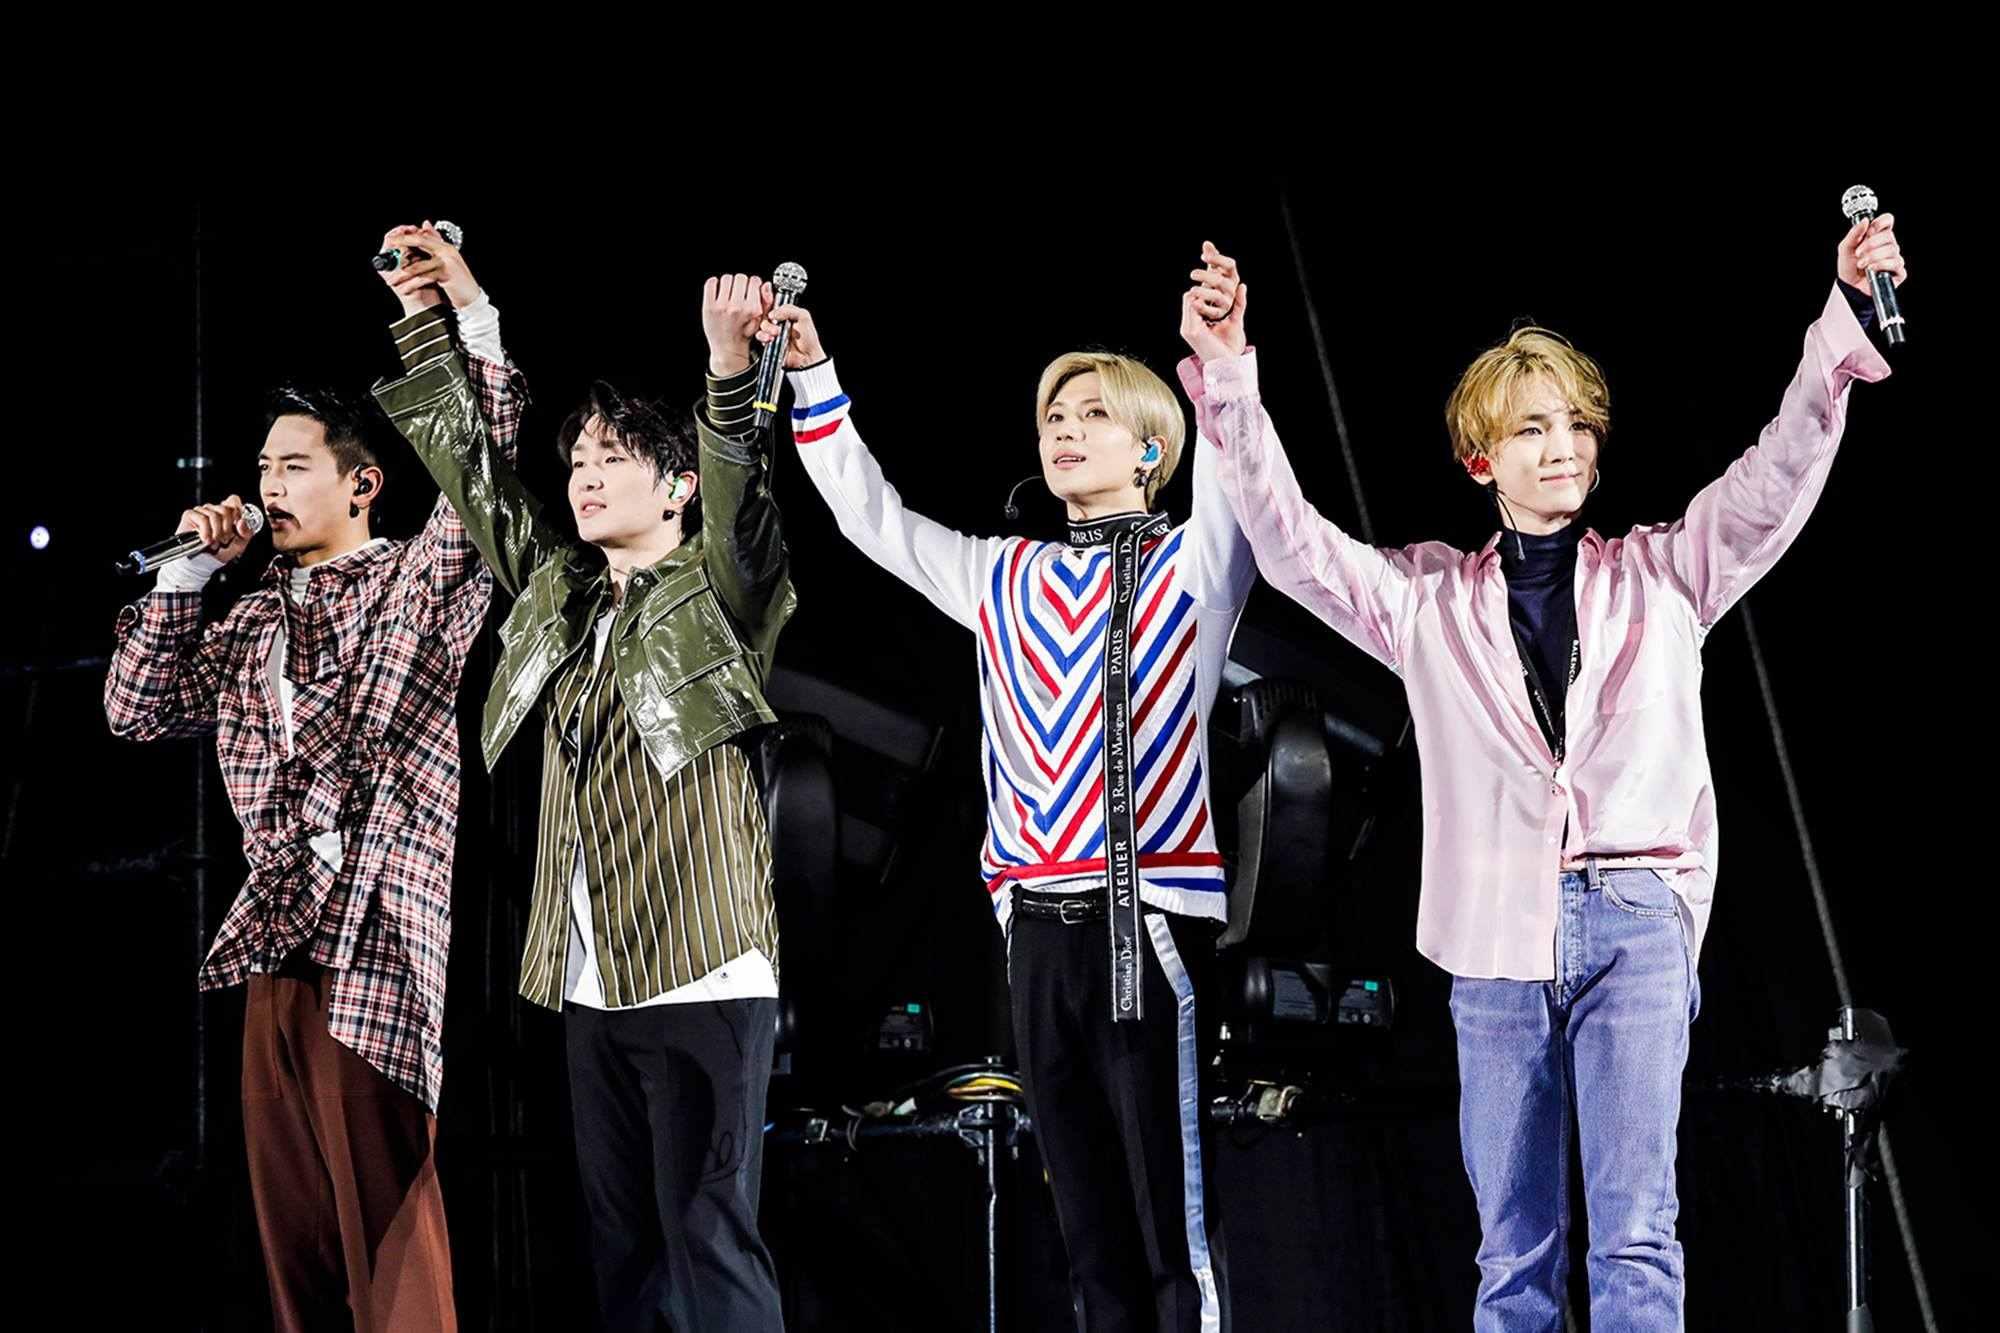 # SHINee - 5月底 剛結束日本活動的SHINee,也將在5月25日迎接出道十周年,SM也宣布成員將在5月底正式發表新專輯,這也是SHINee首次以「四人」第一次的回歸。